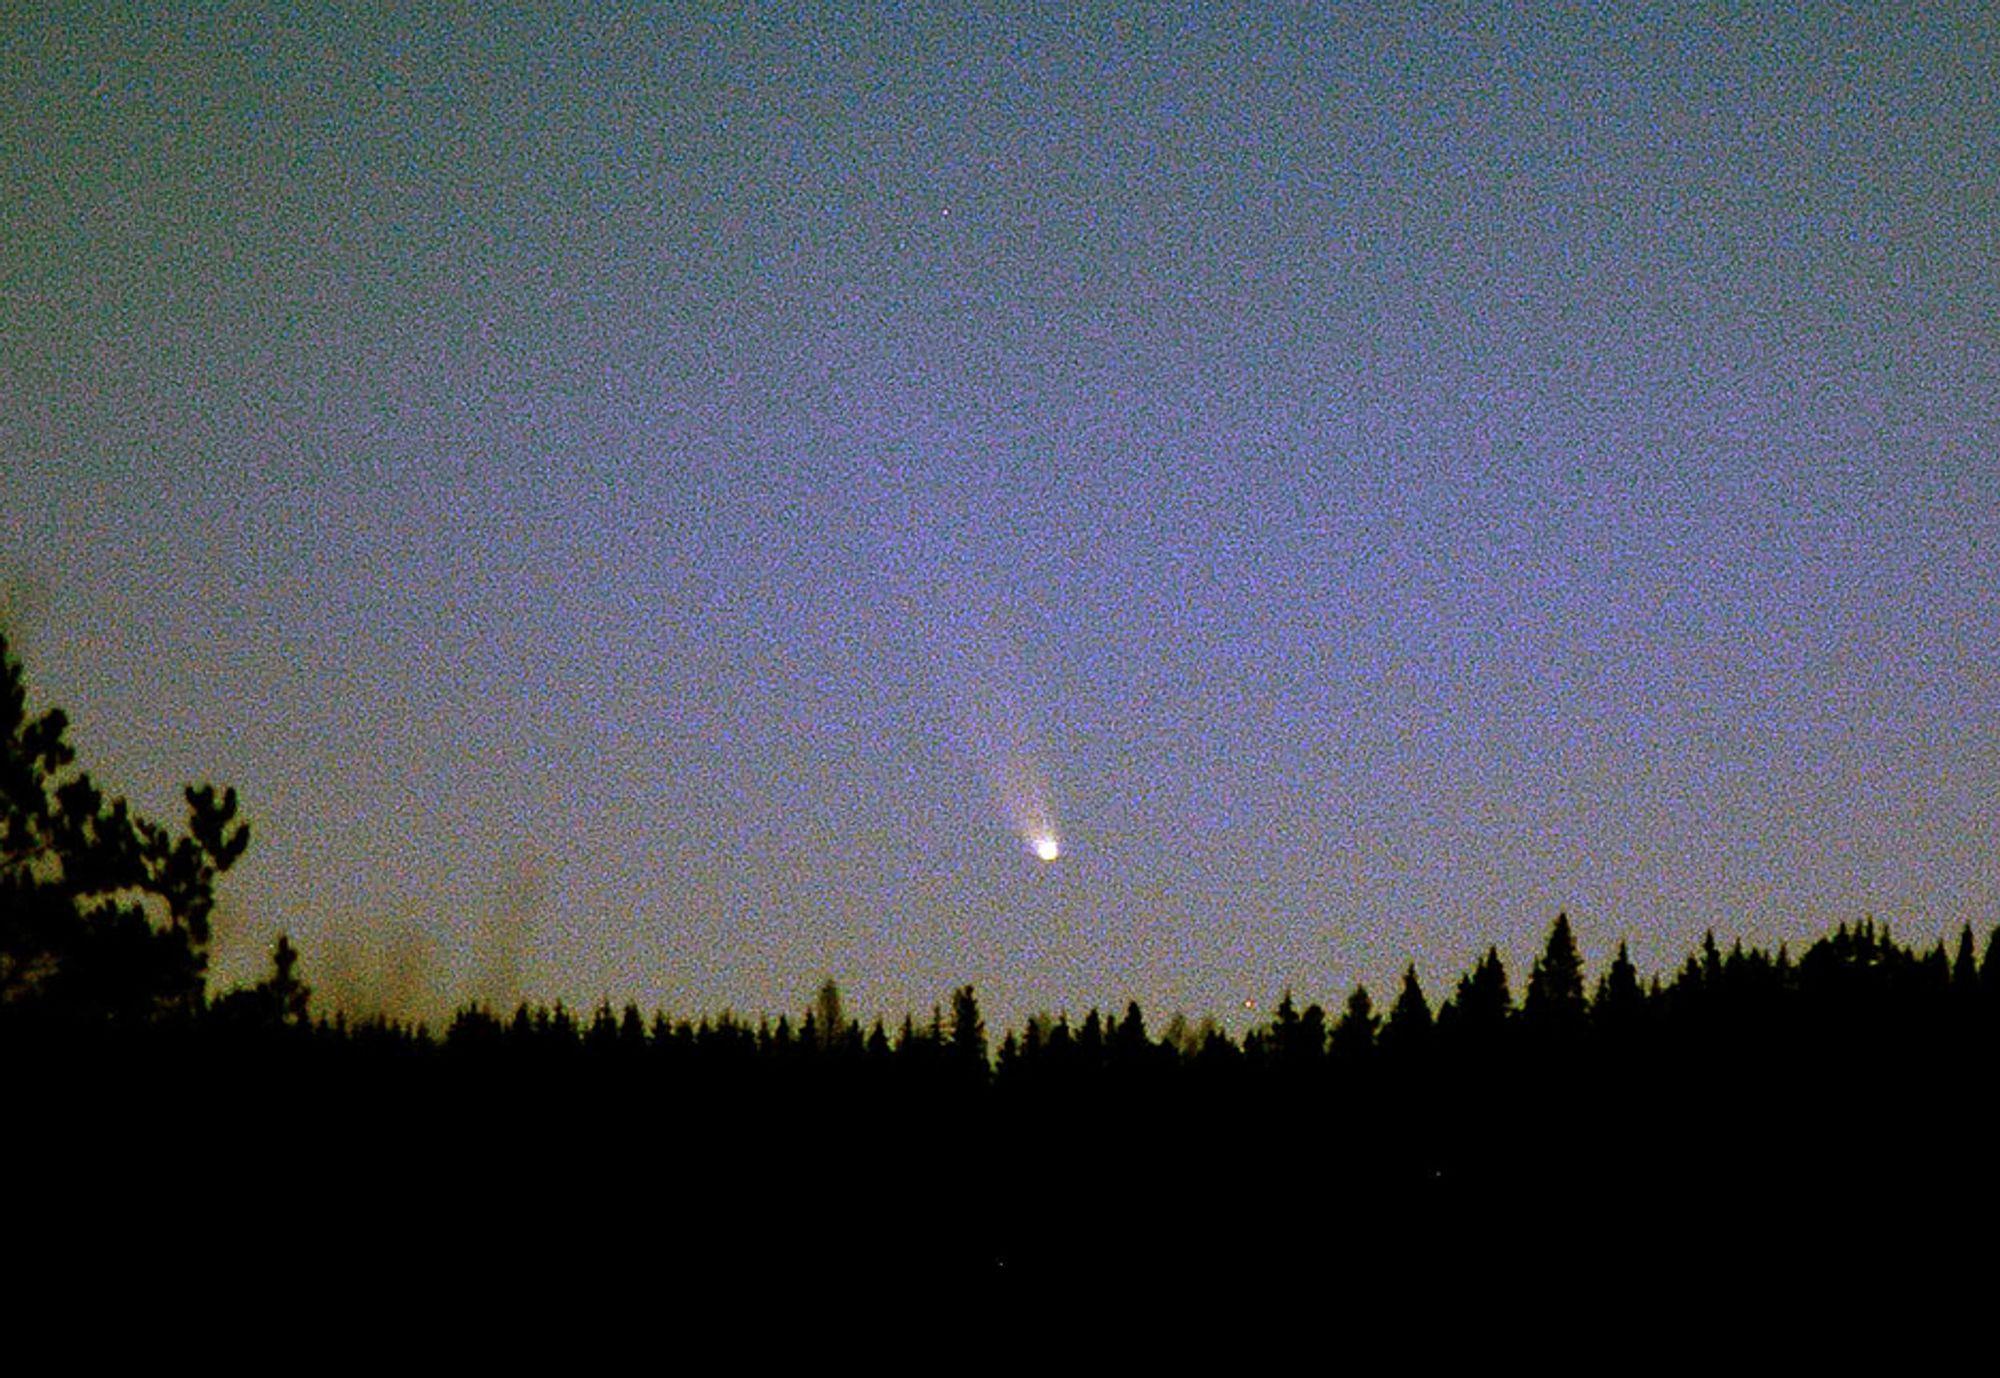 KRAFTIG LYS: Håkon Dahle, Astrofysisk institutt, tok dette bildet av kometen McNaught 5. januar. Siden den gang har kometens lysstyrke økt ytterligere.